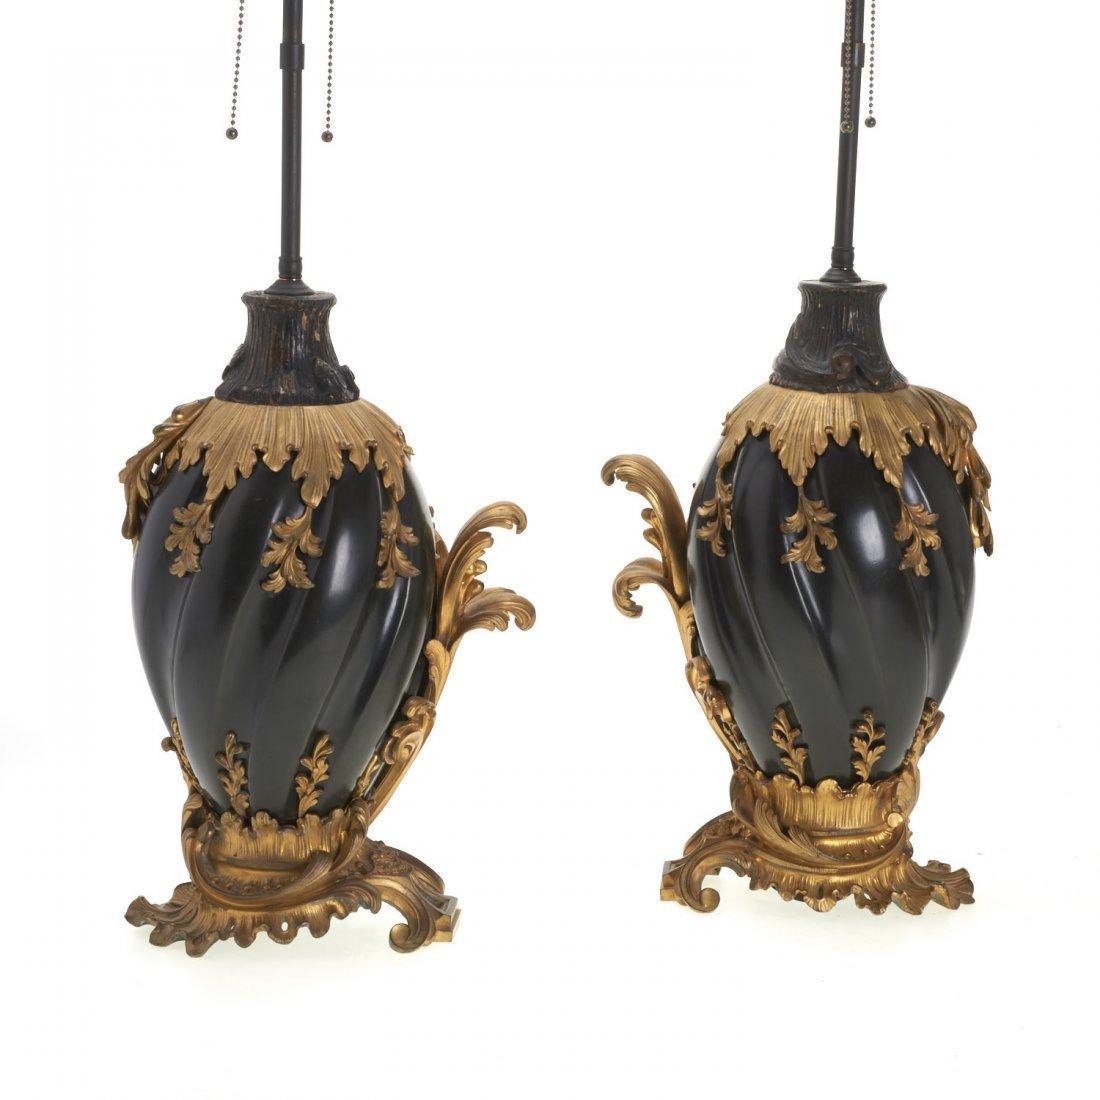 Pr Continental Rococo gilt, ebonized bronze lamps - 4